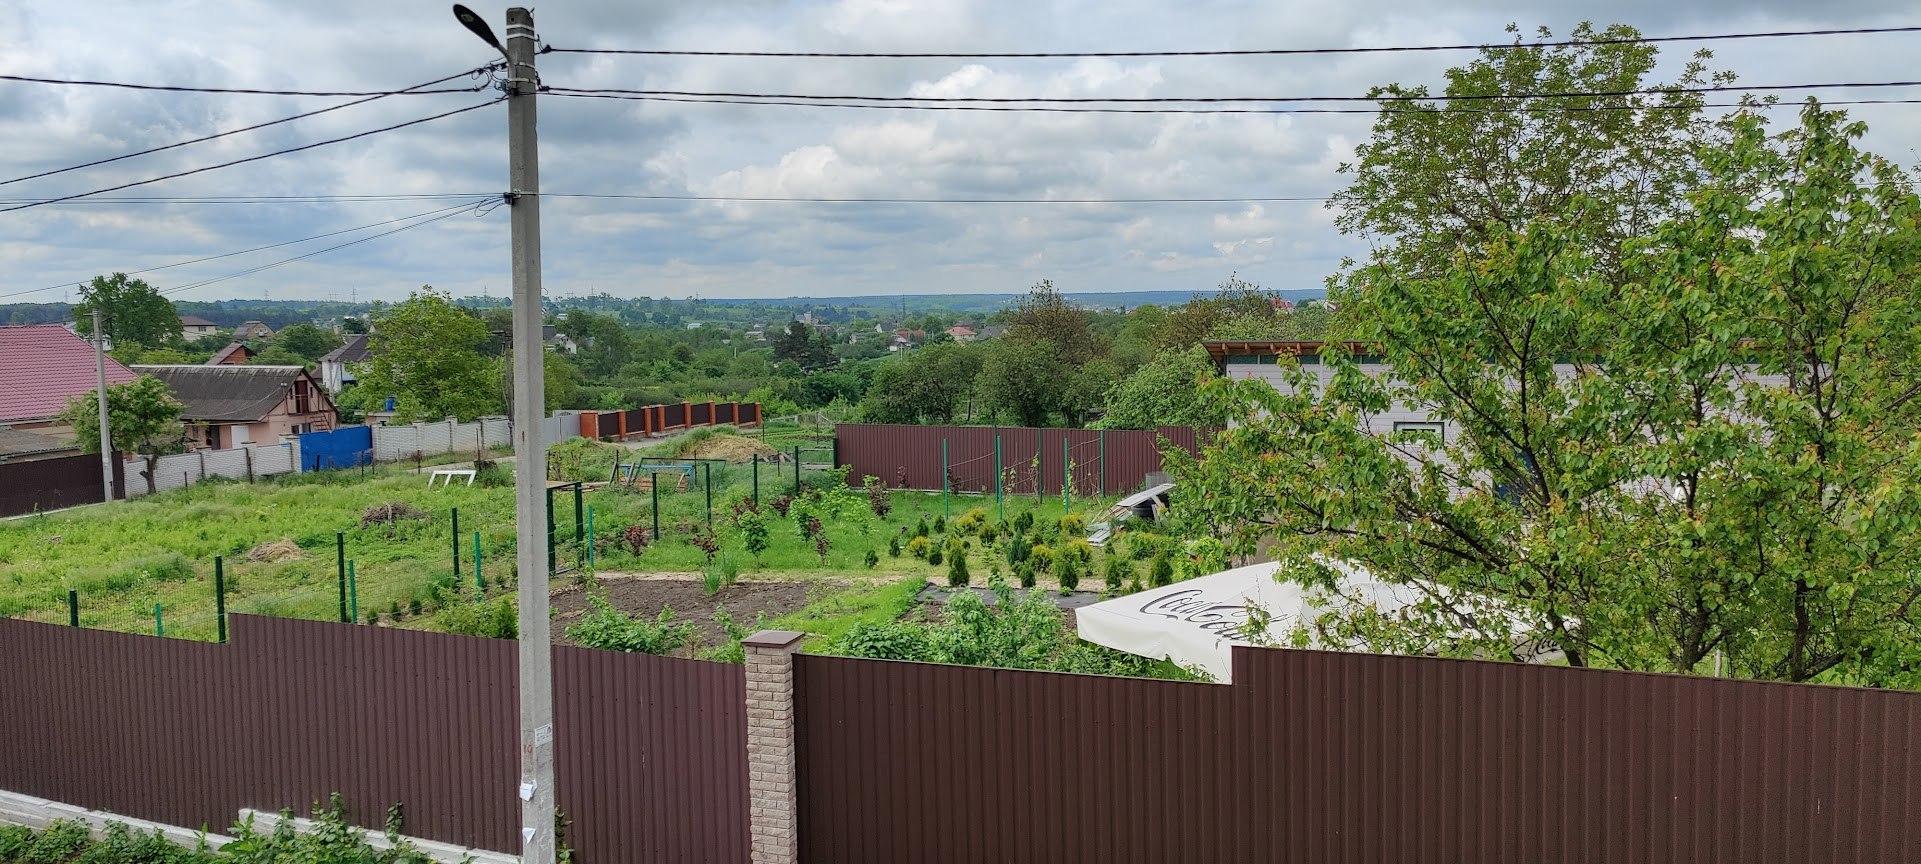 Огород напротив дома. Бабушку не видно, но она есть